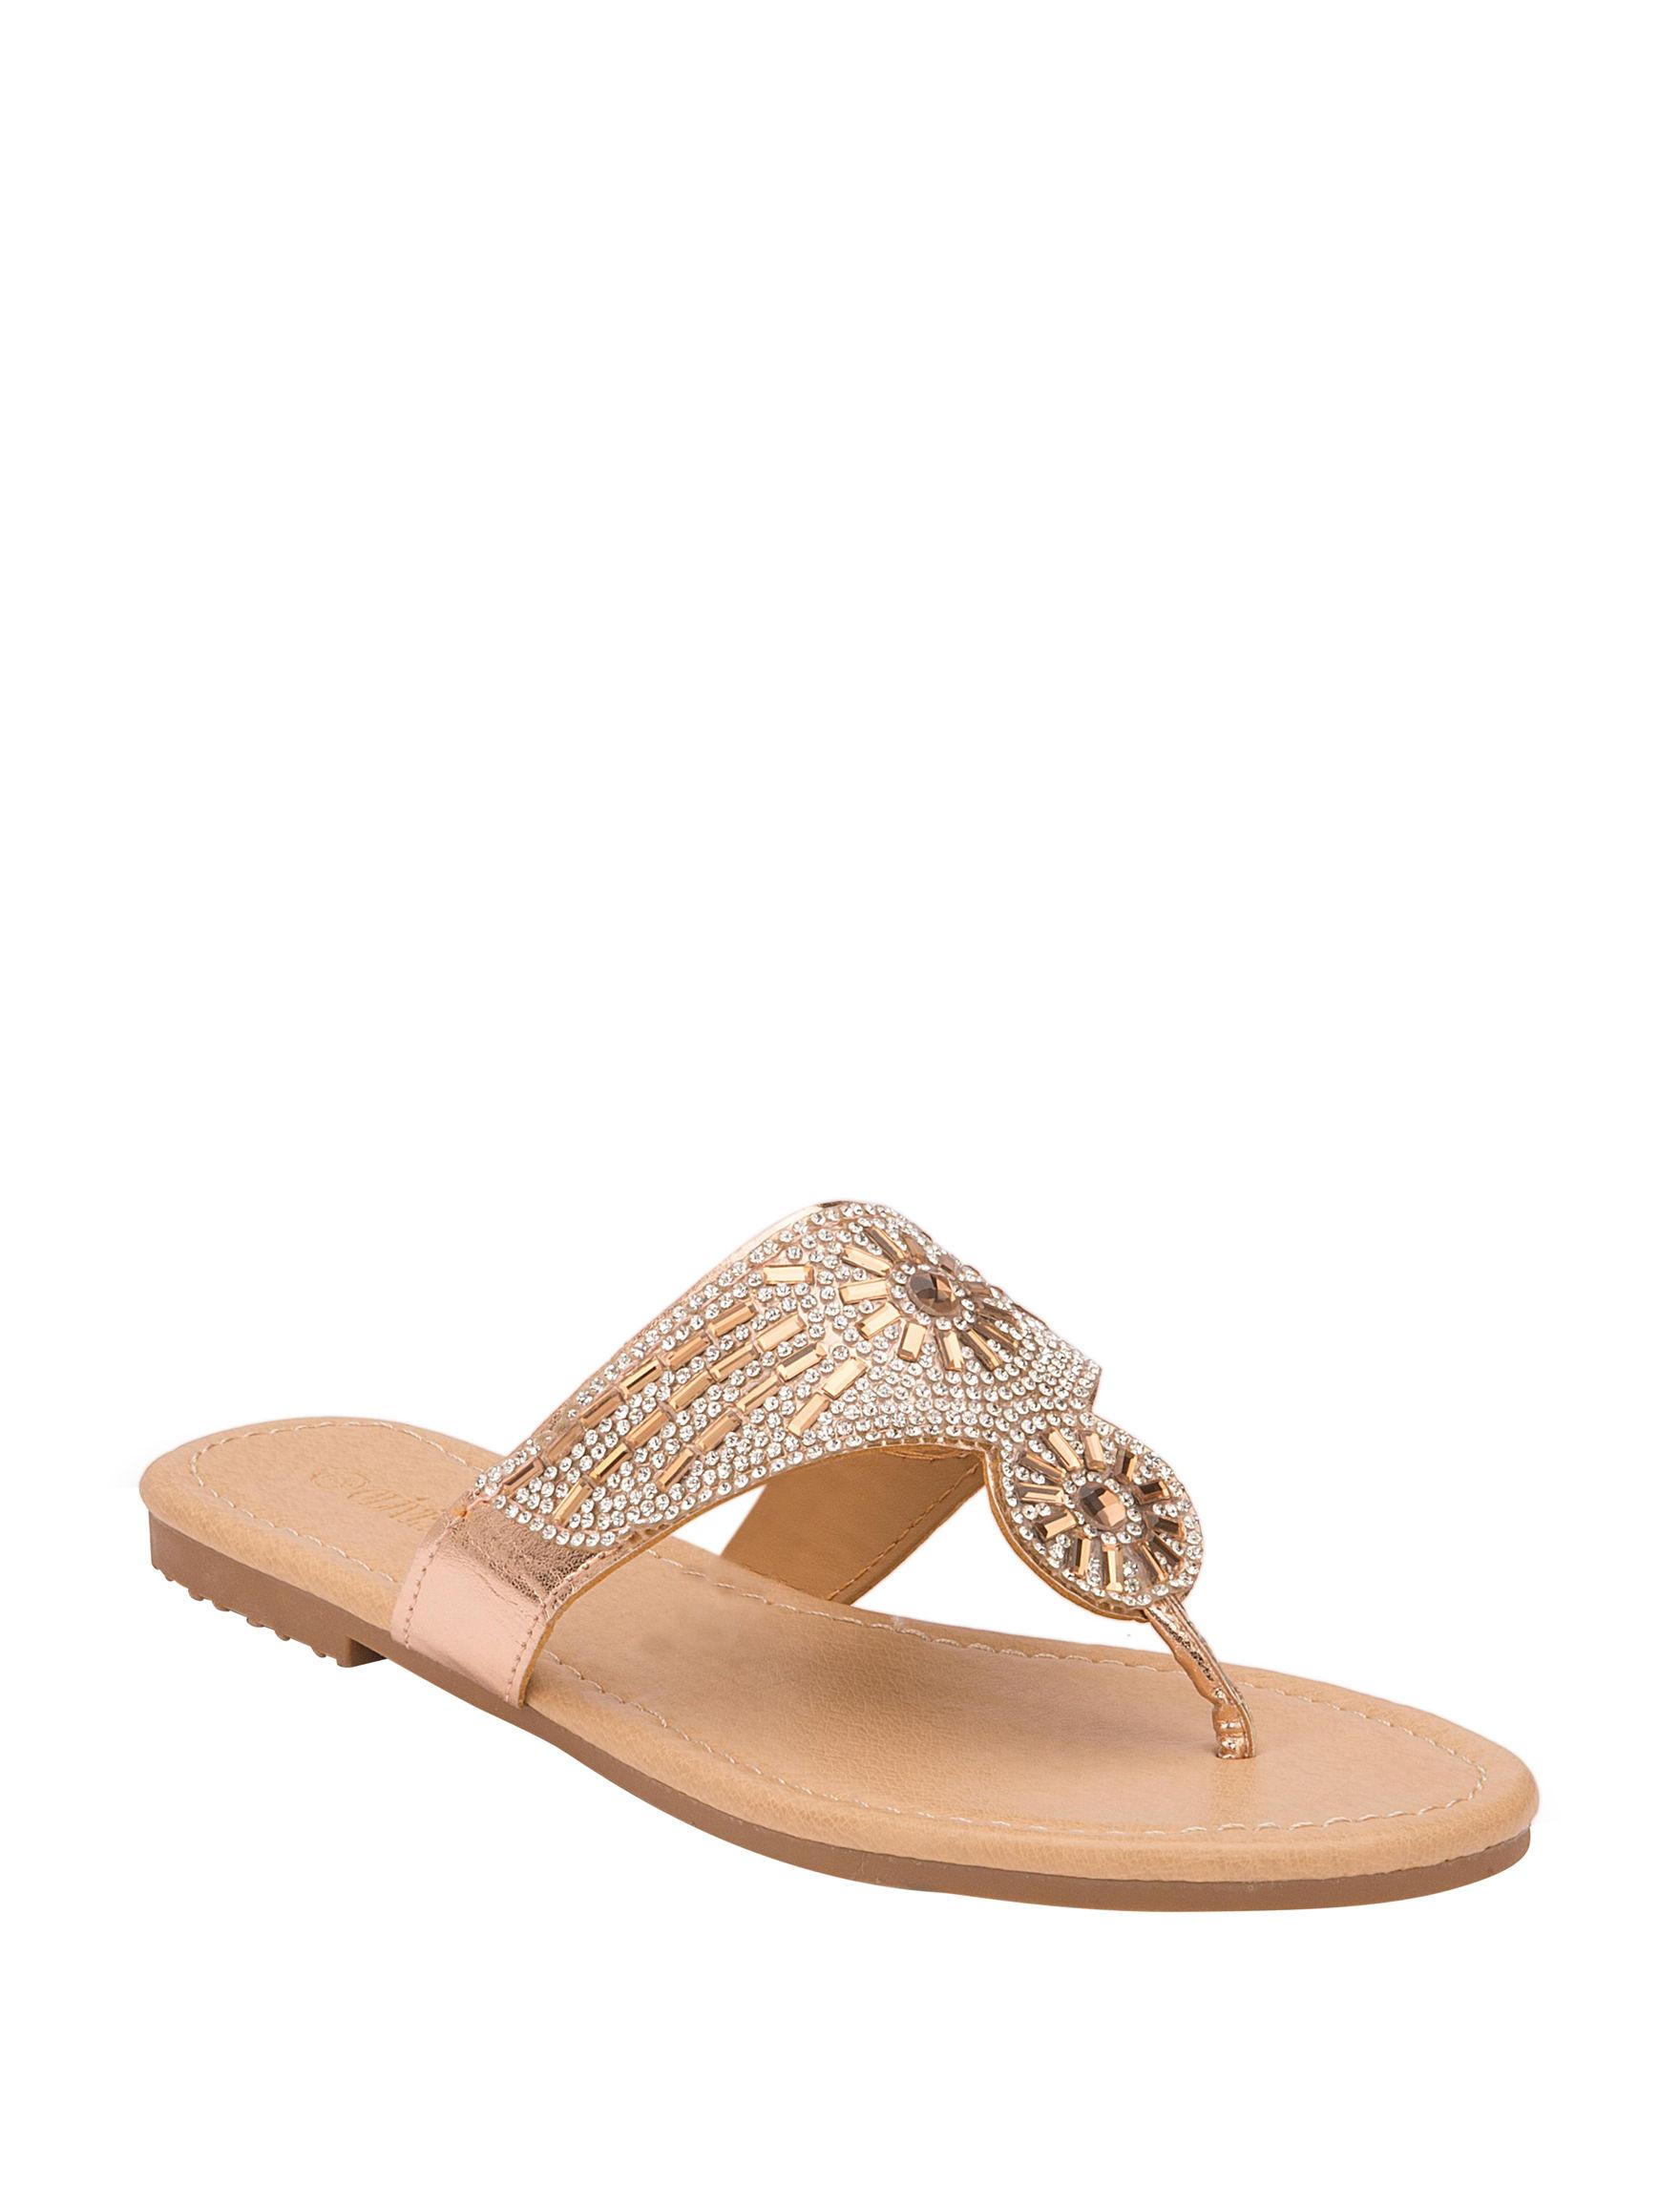 Olivia Miller Rose Gold